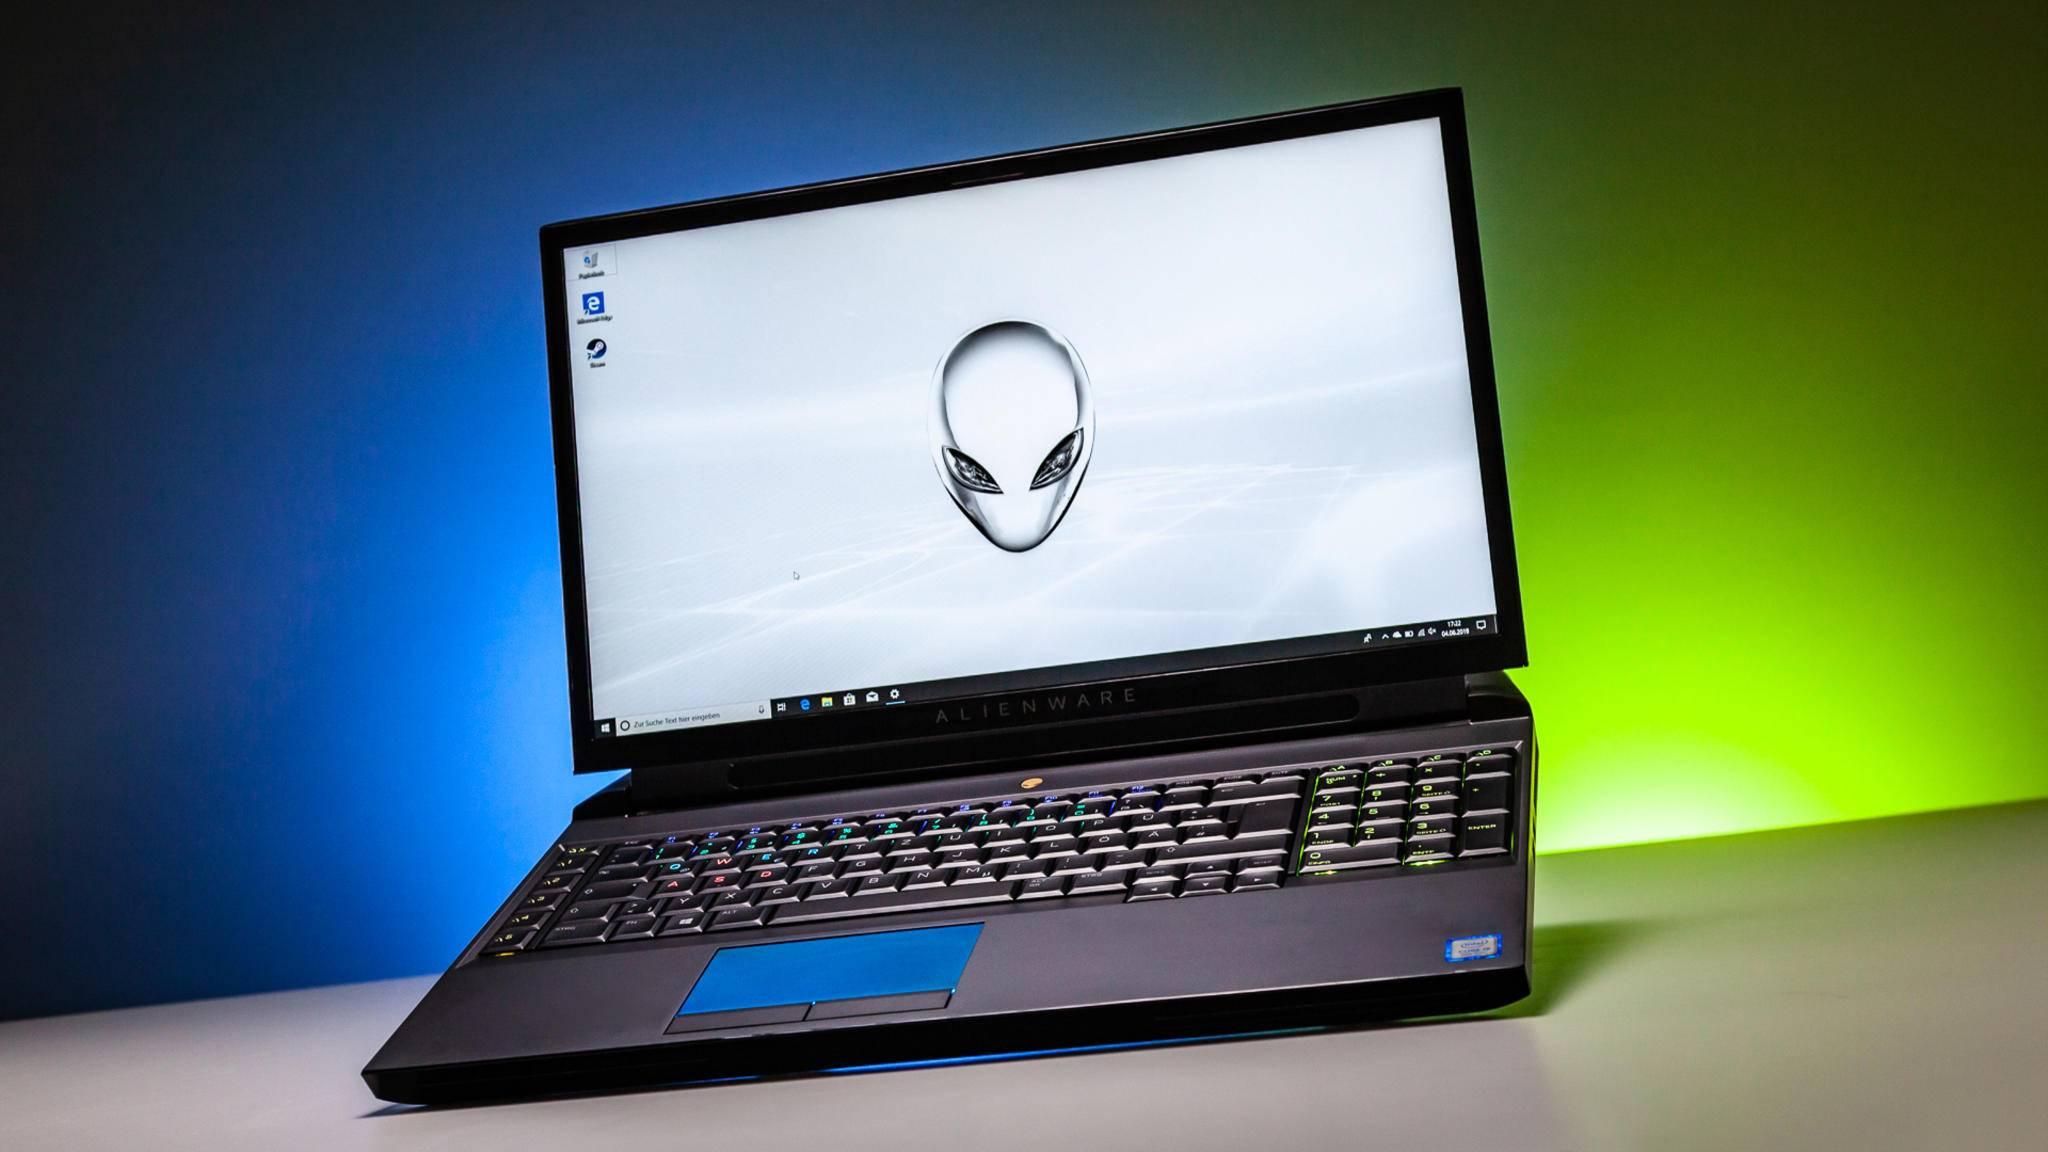 Der Alienware Area-51m ist ein Gaming-Laptop mit der Power eines Gaming-PCs.